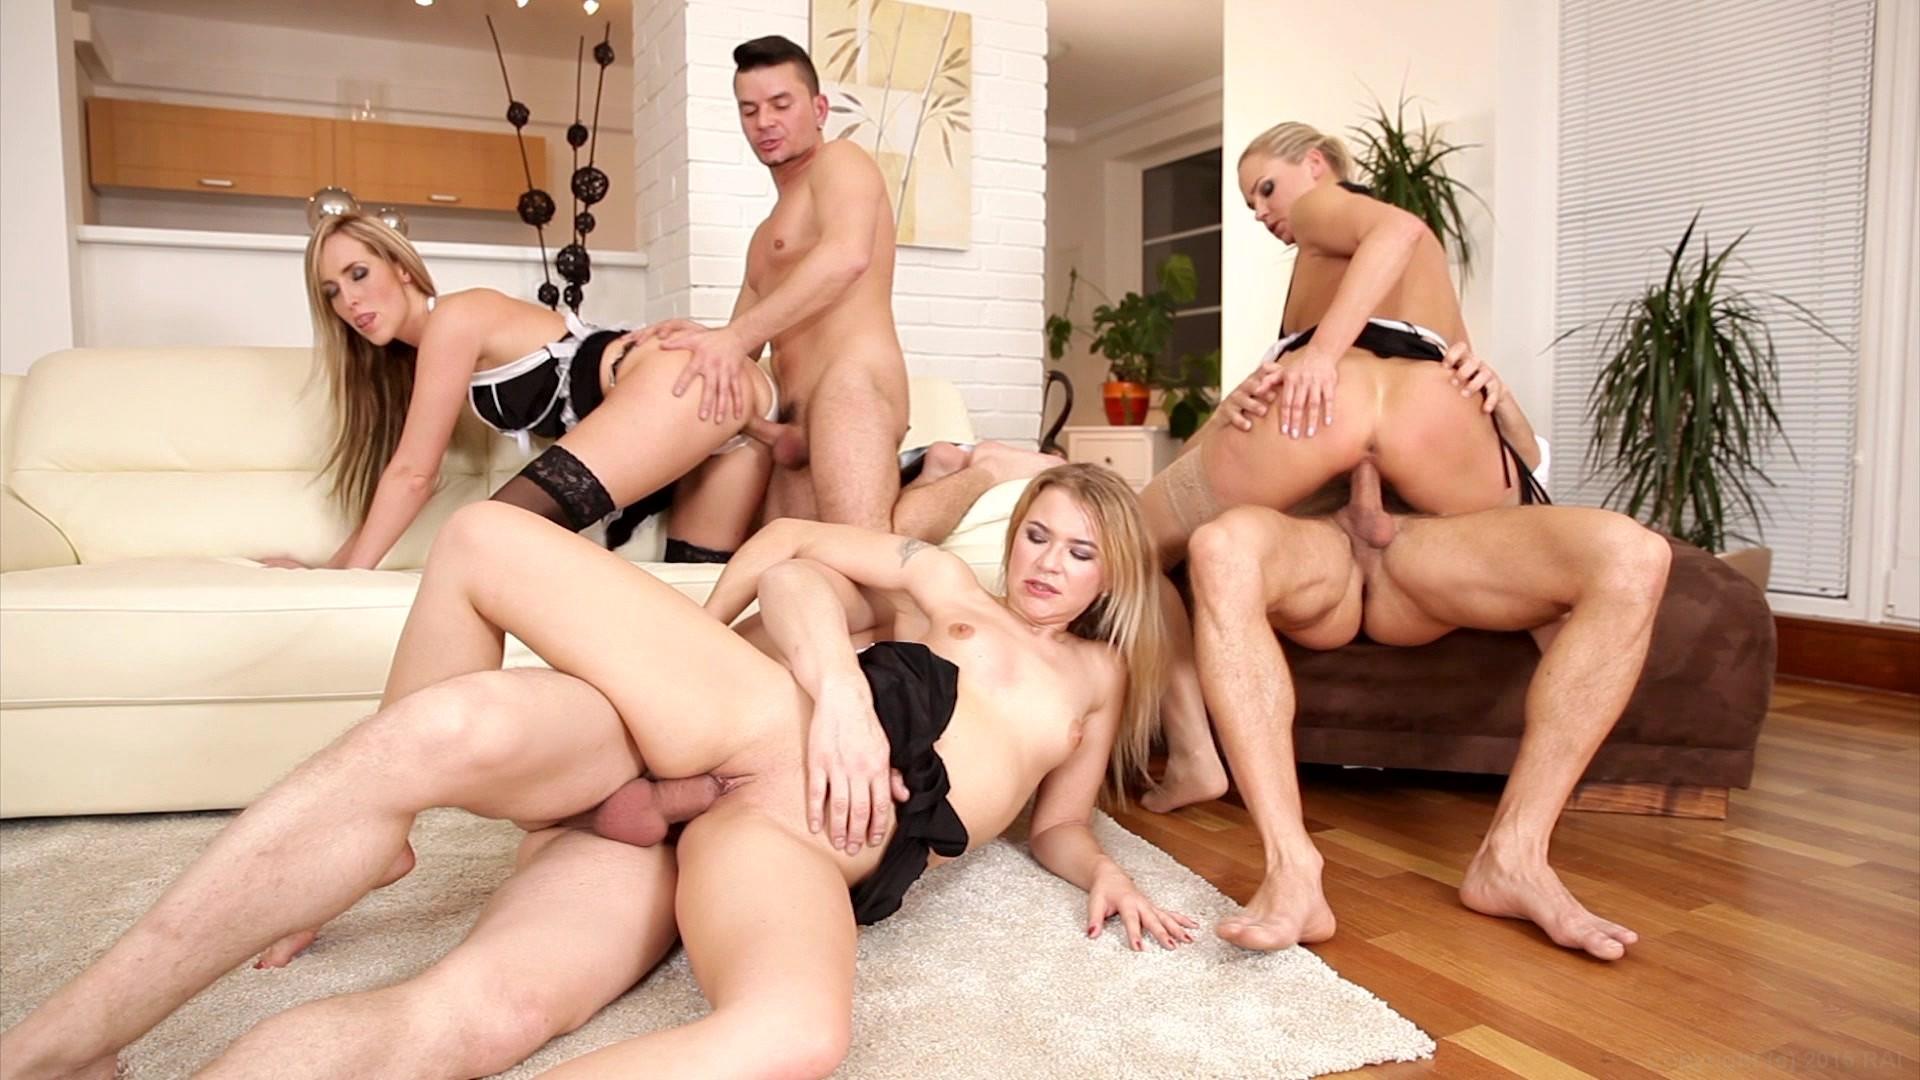 Порно свингеров в hd, девушка с большой грудью и большой жопой дрочит